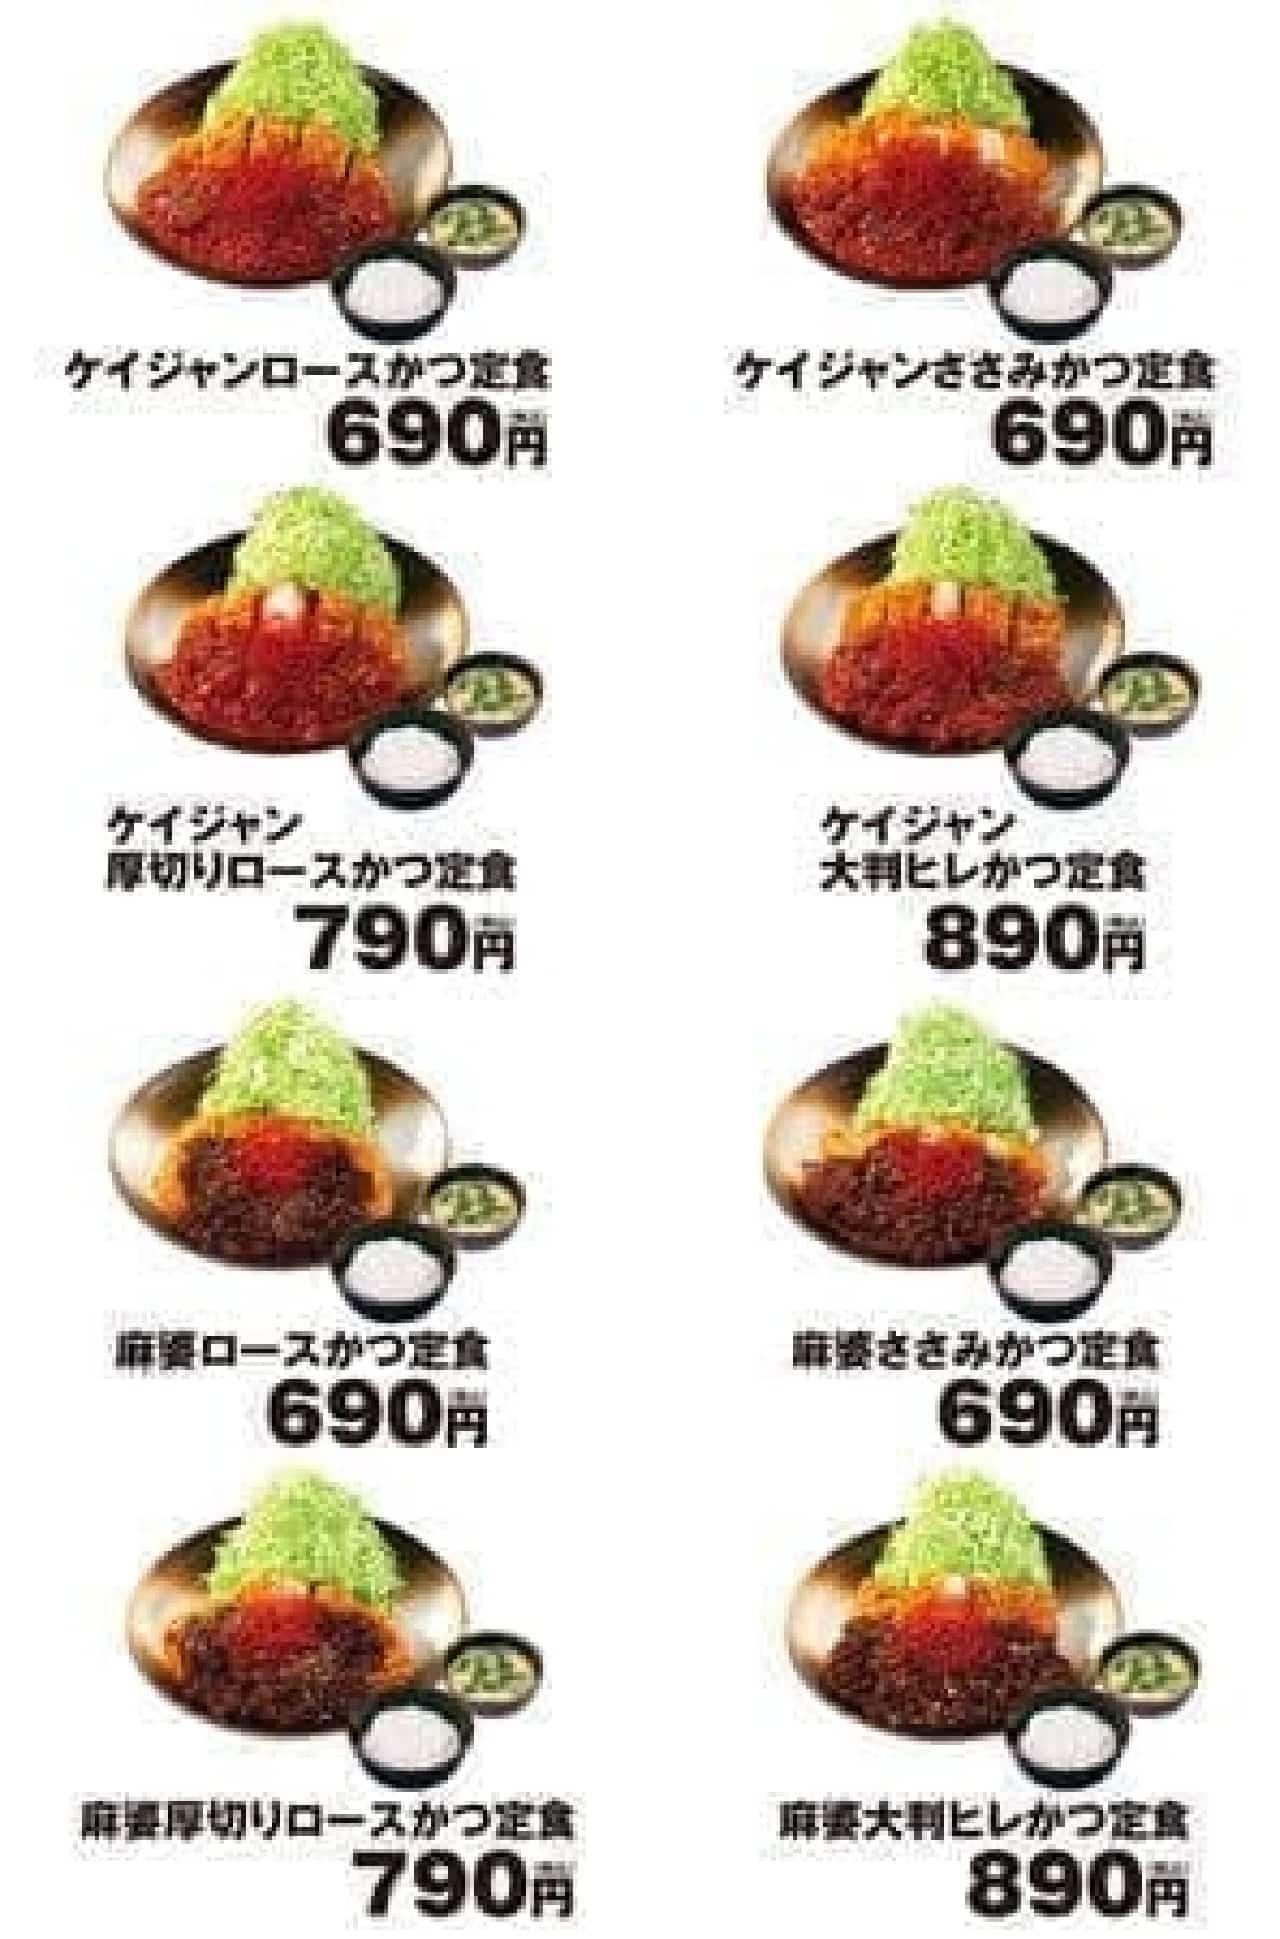 松のや「ケイジャンロースかつ定食」「麻婆かつ定食」